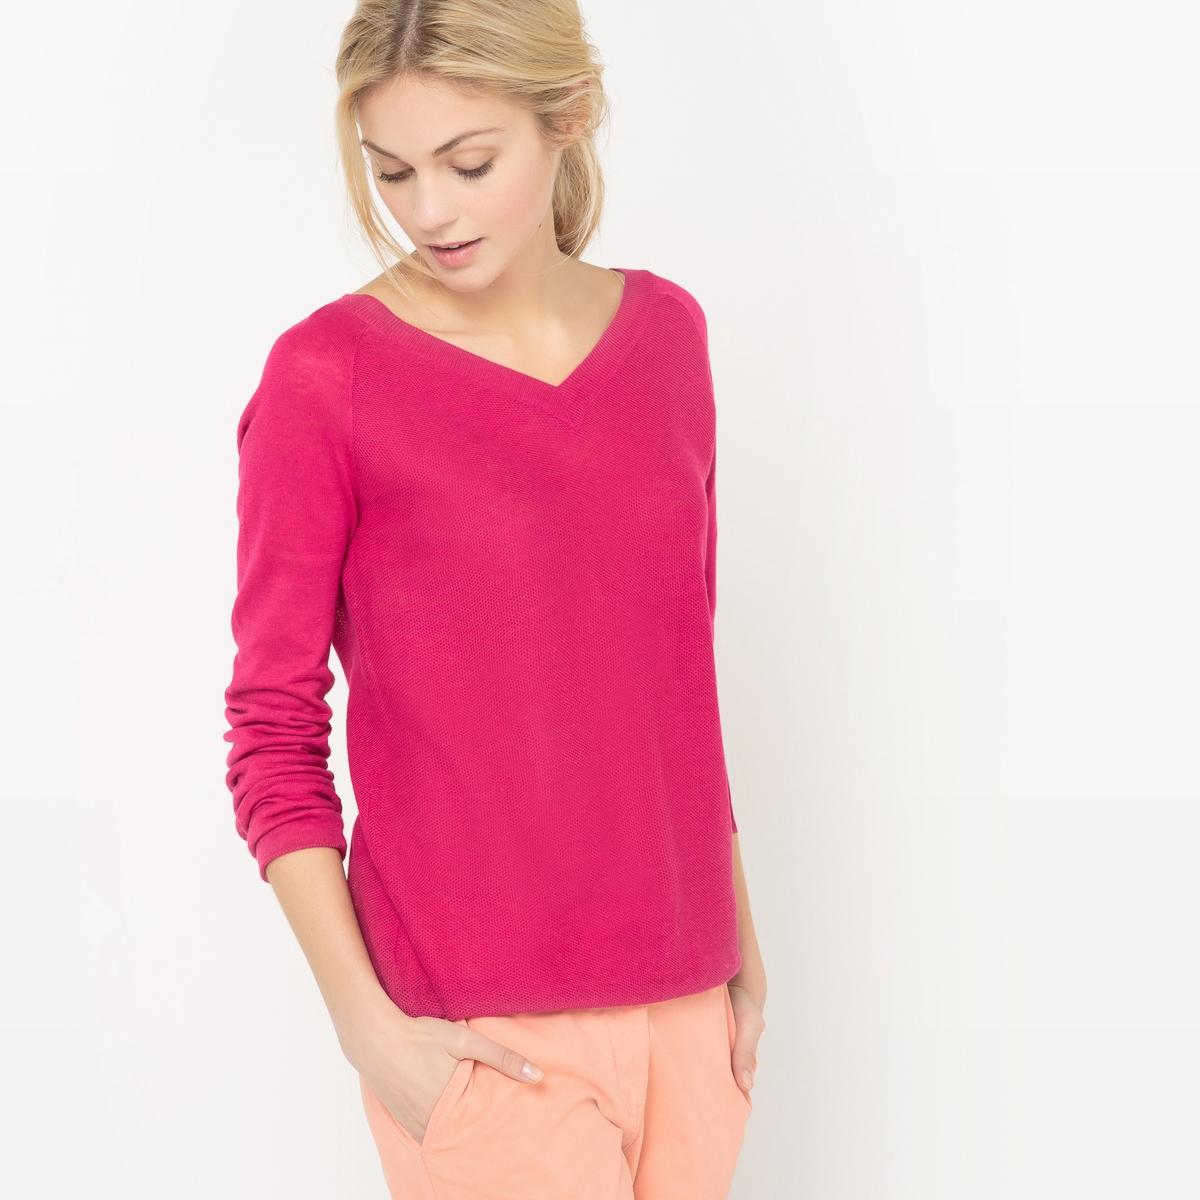 Пуловер с V-образным вырезом спереди и сзади, из хлопка и льна